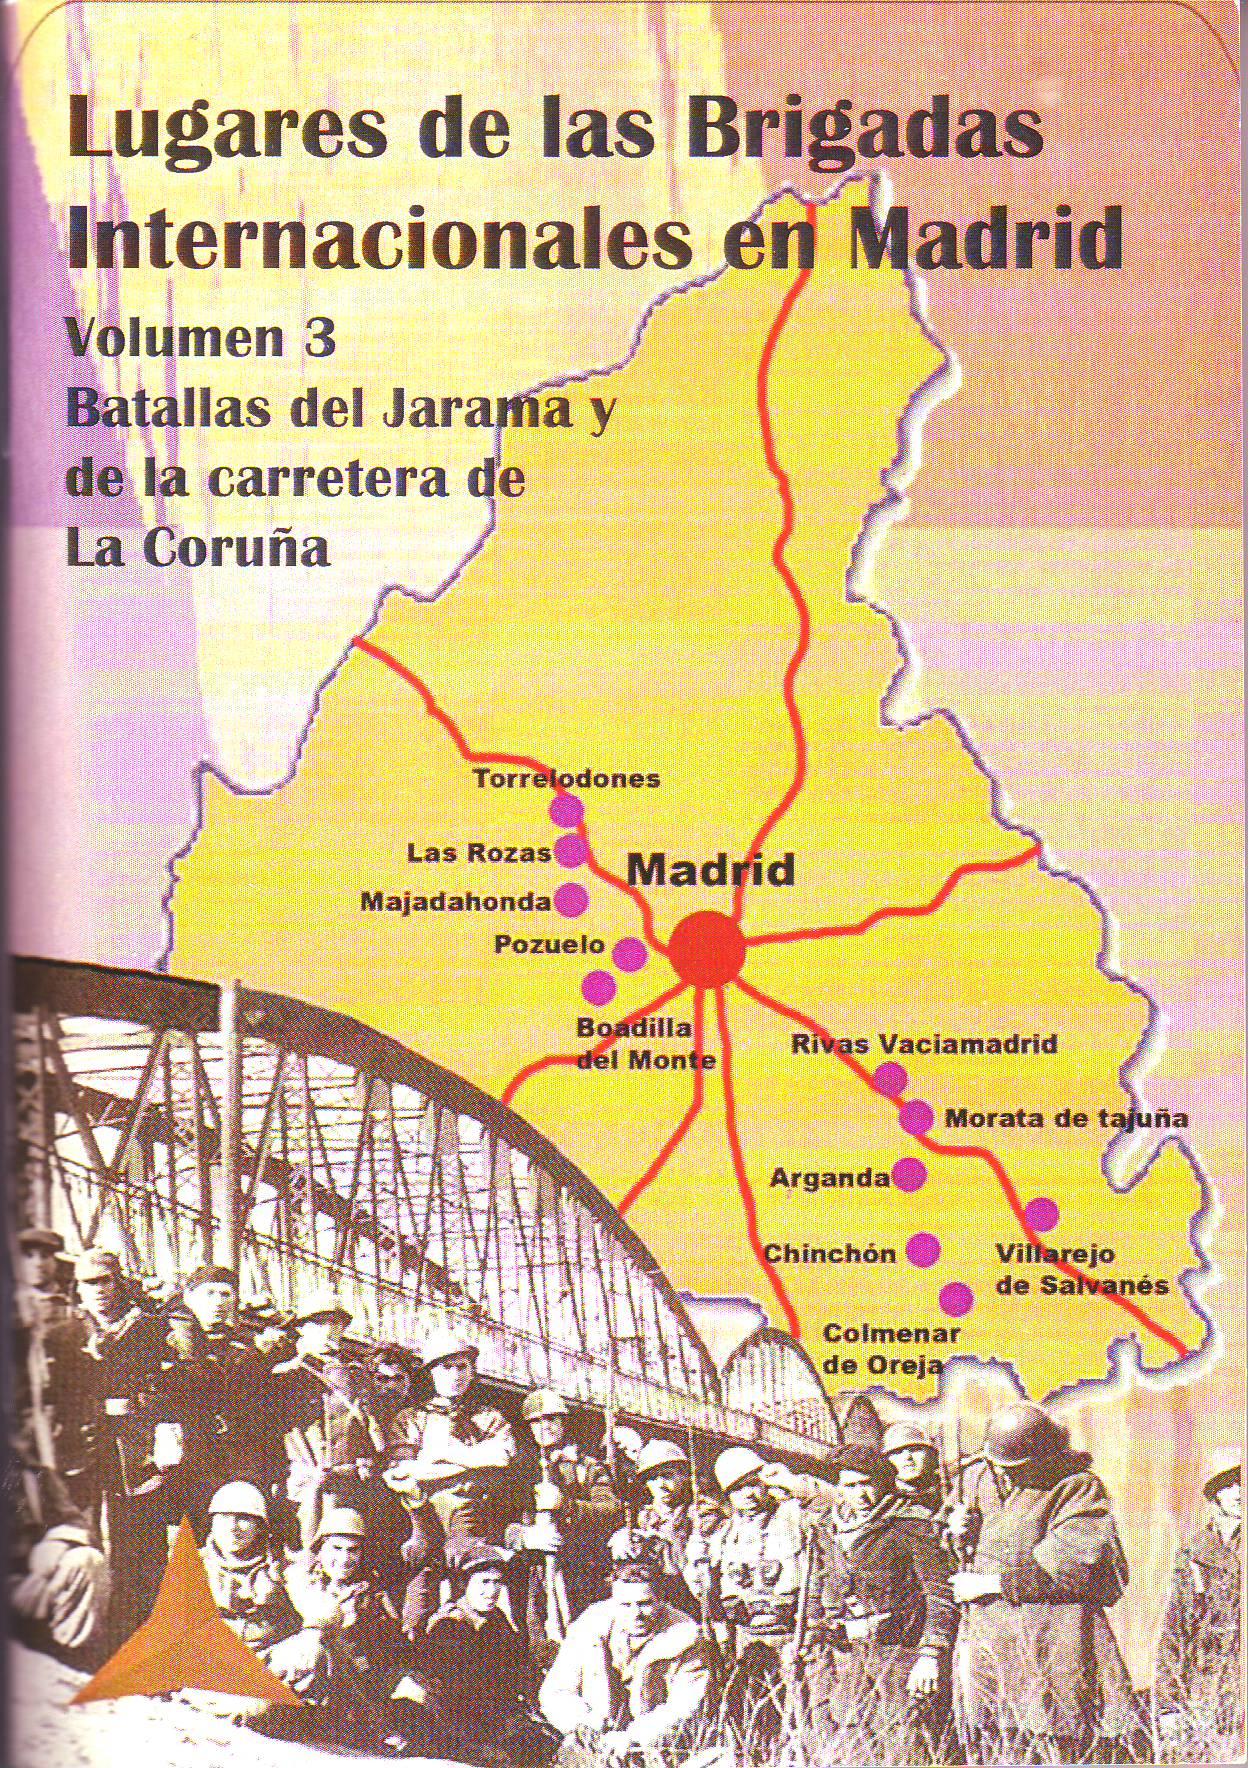 Lugares de las Brigadas Internacionales en Madrid. Vol 3